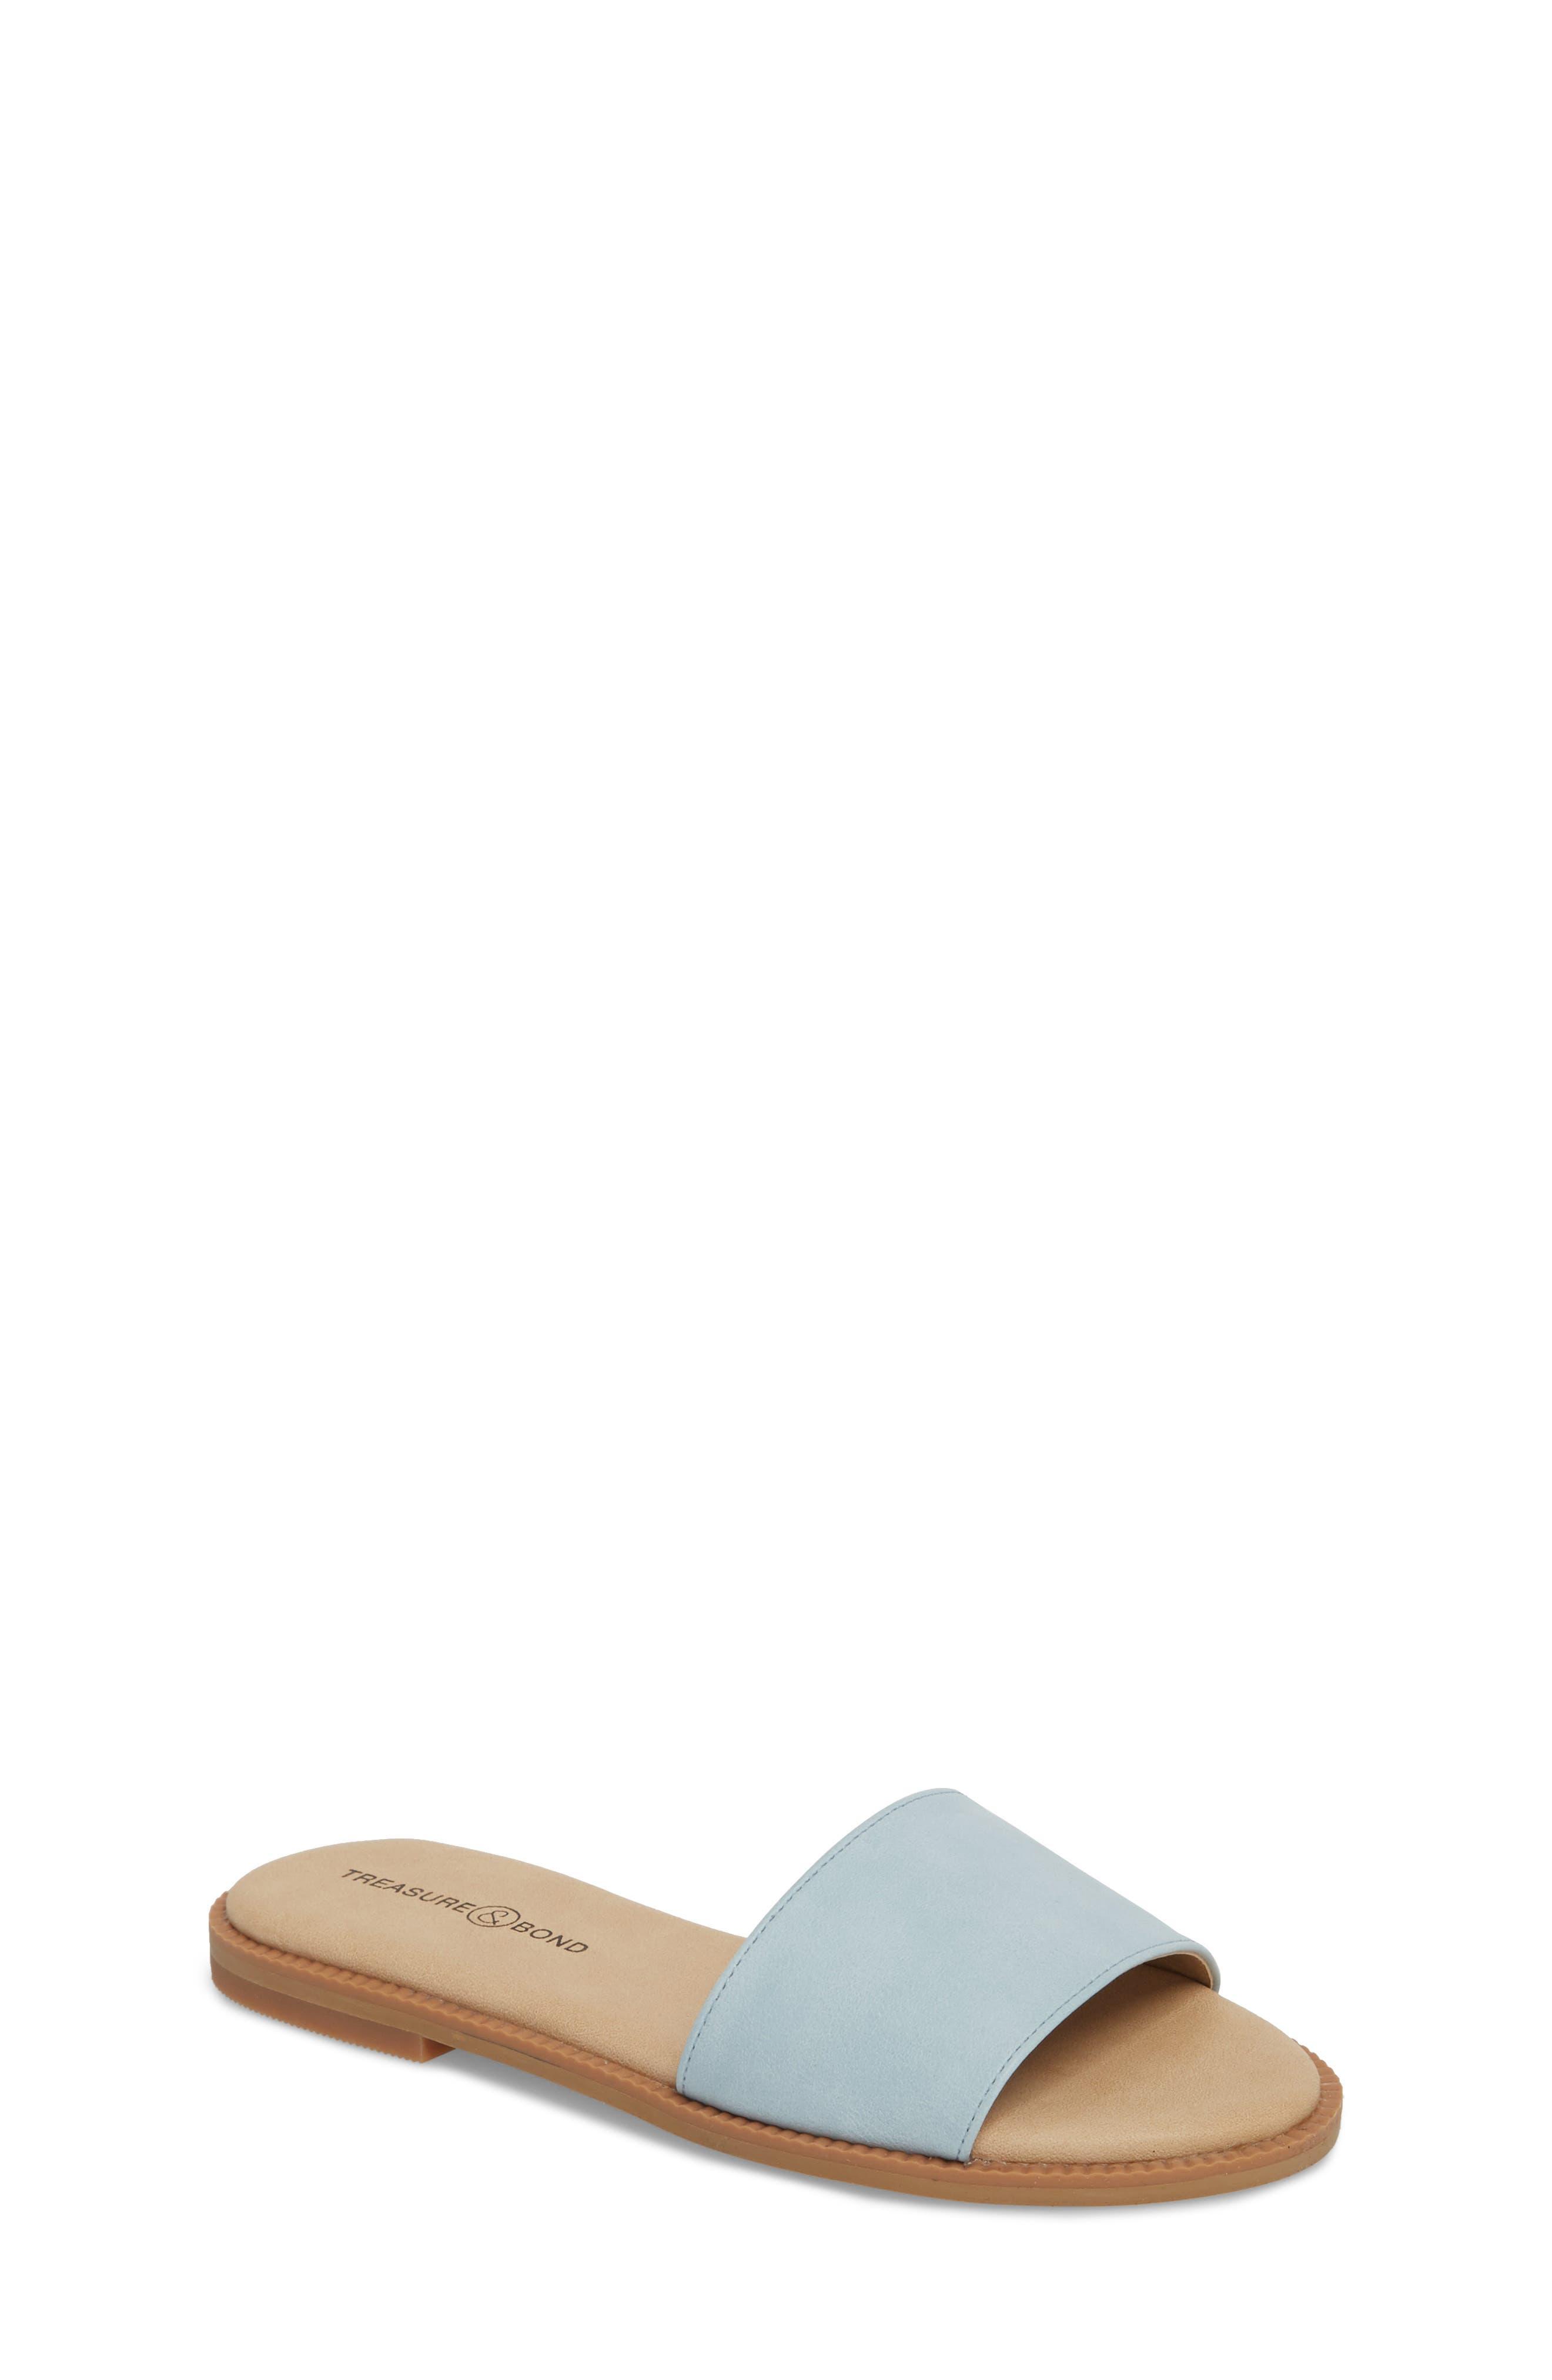 Mia Slide Sandal,                             Main thumbnail 1, color,